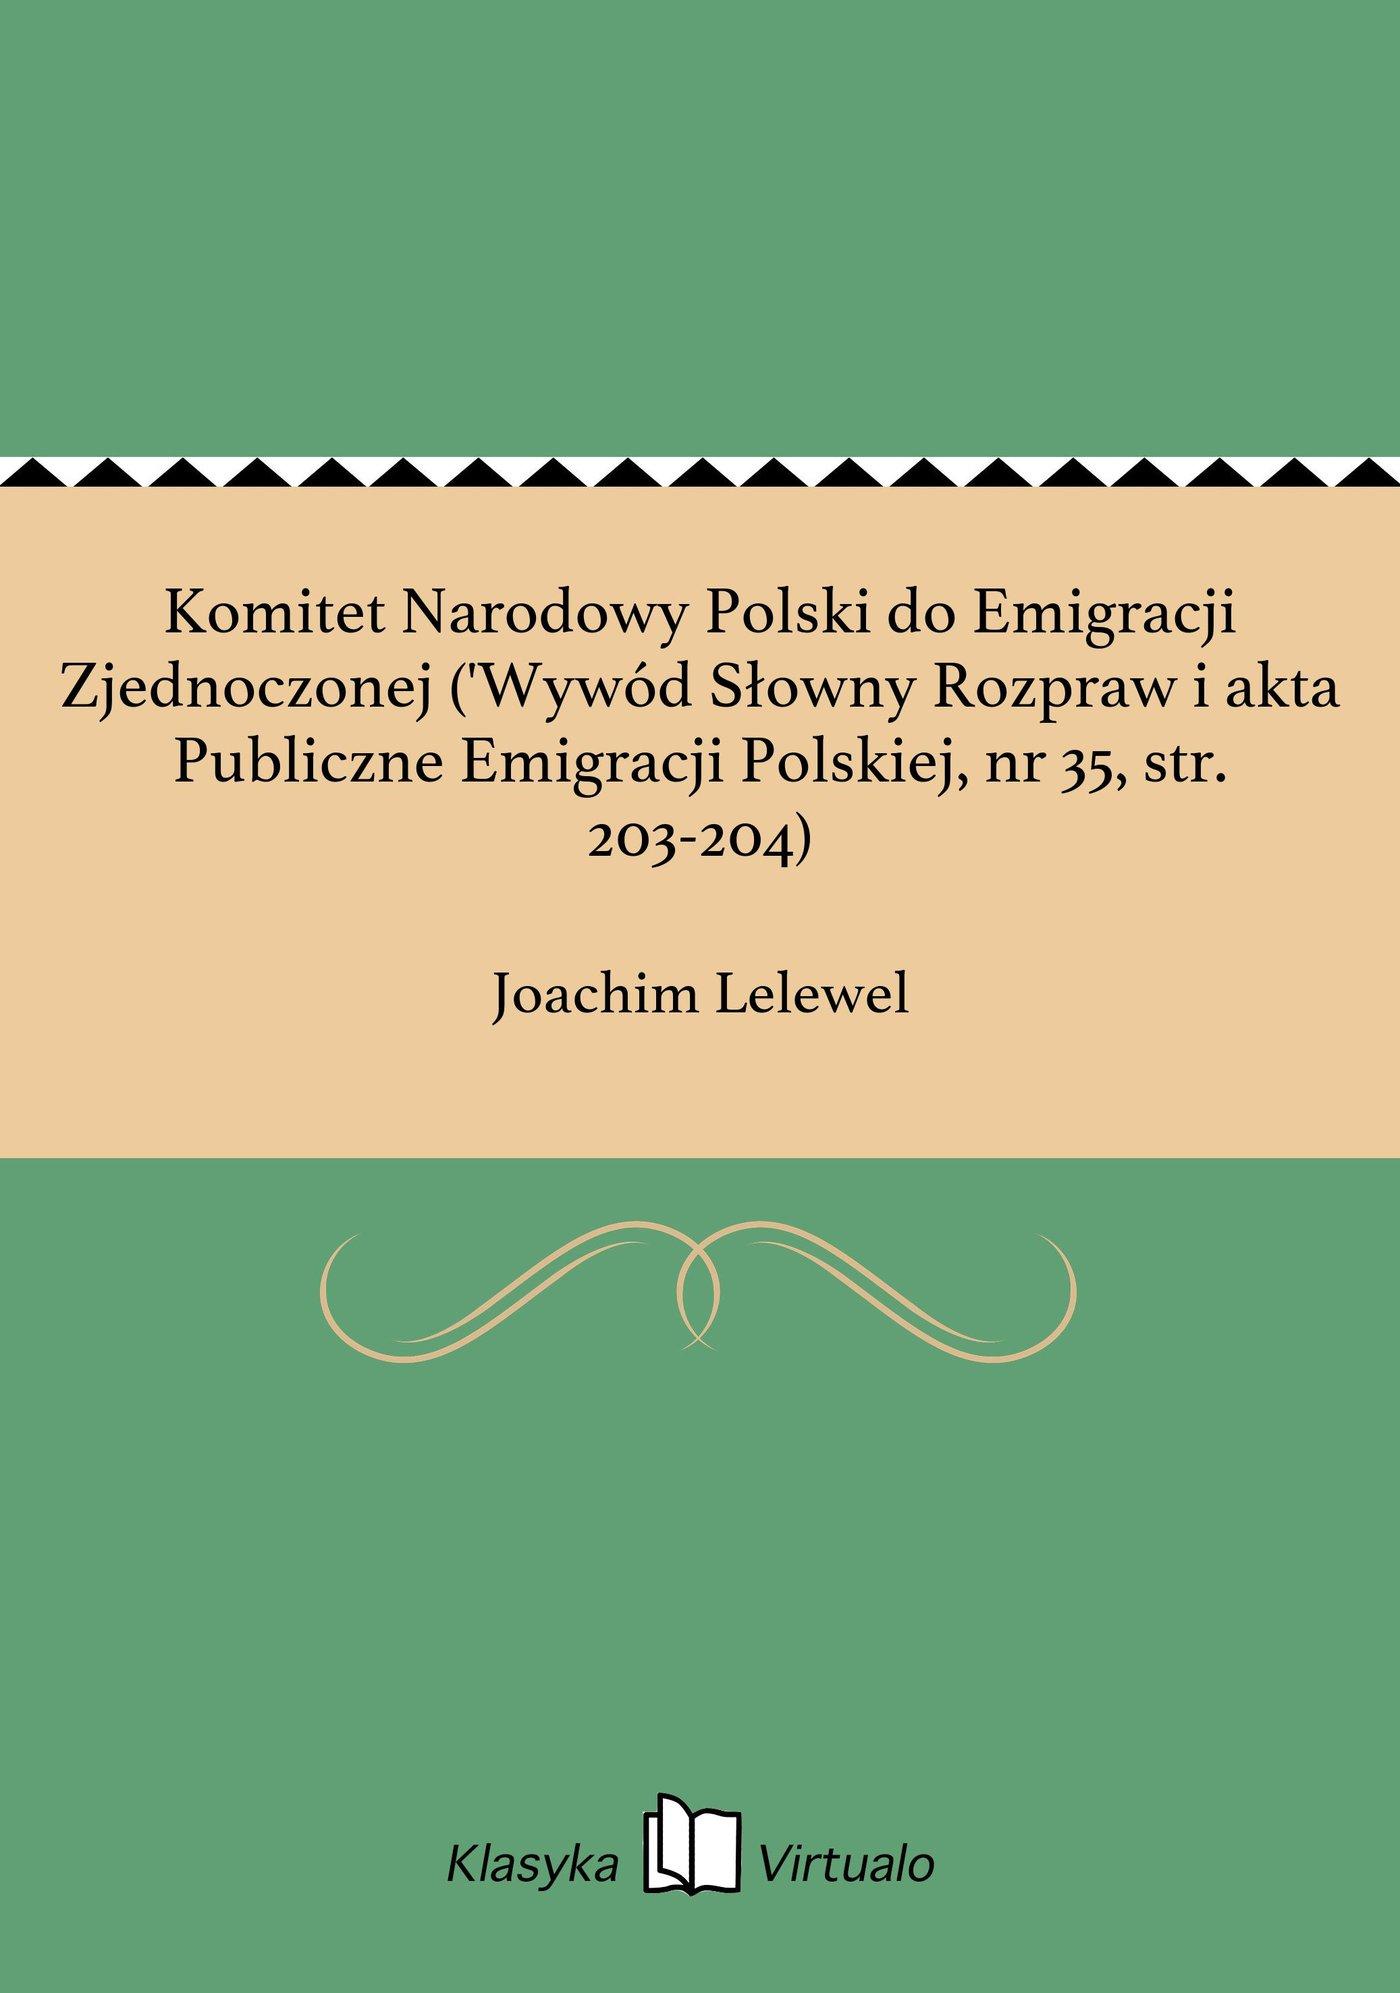 Komitet Narodowy Polski do Emigracji Zjednoczonej ('Wywód Słowny Rozpraw i akta Publiczne Emigracji Polskiej, nr 35, str. 203-204) - Ebook (Książka EPUB) do pobrania w formacie EPUB